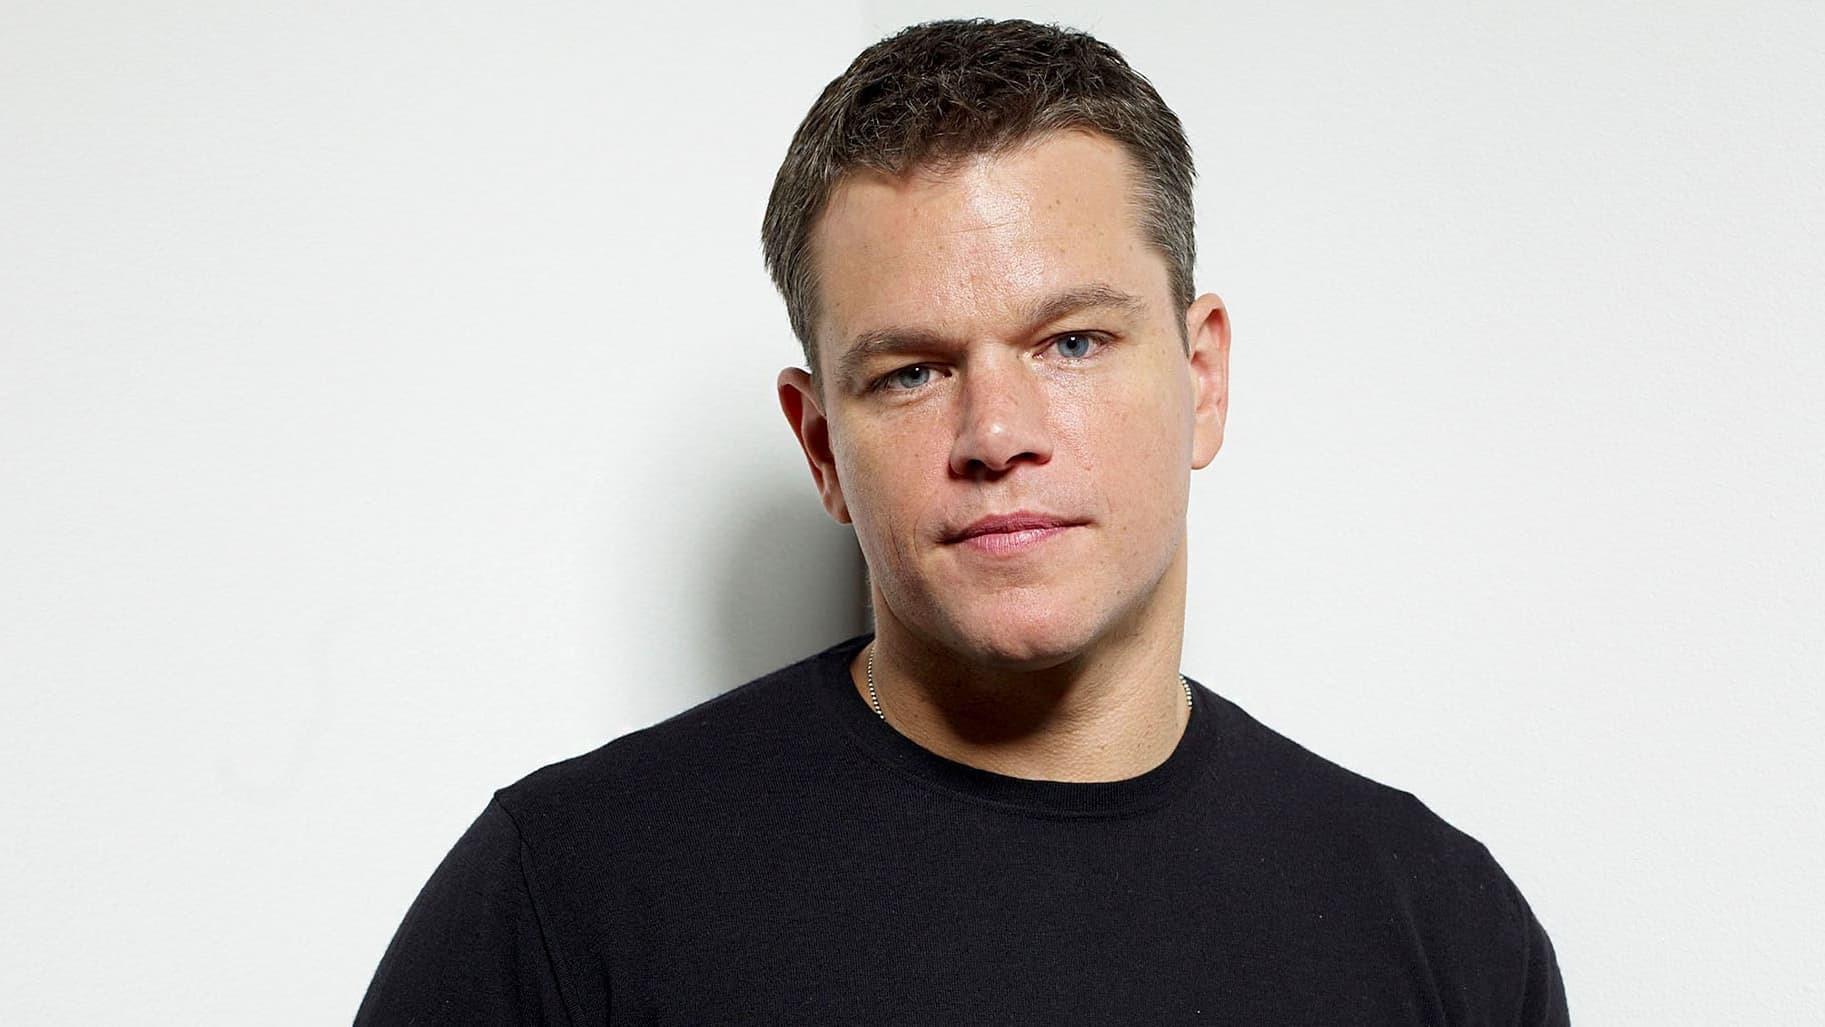 Matt Damon Desktop Images